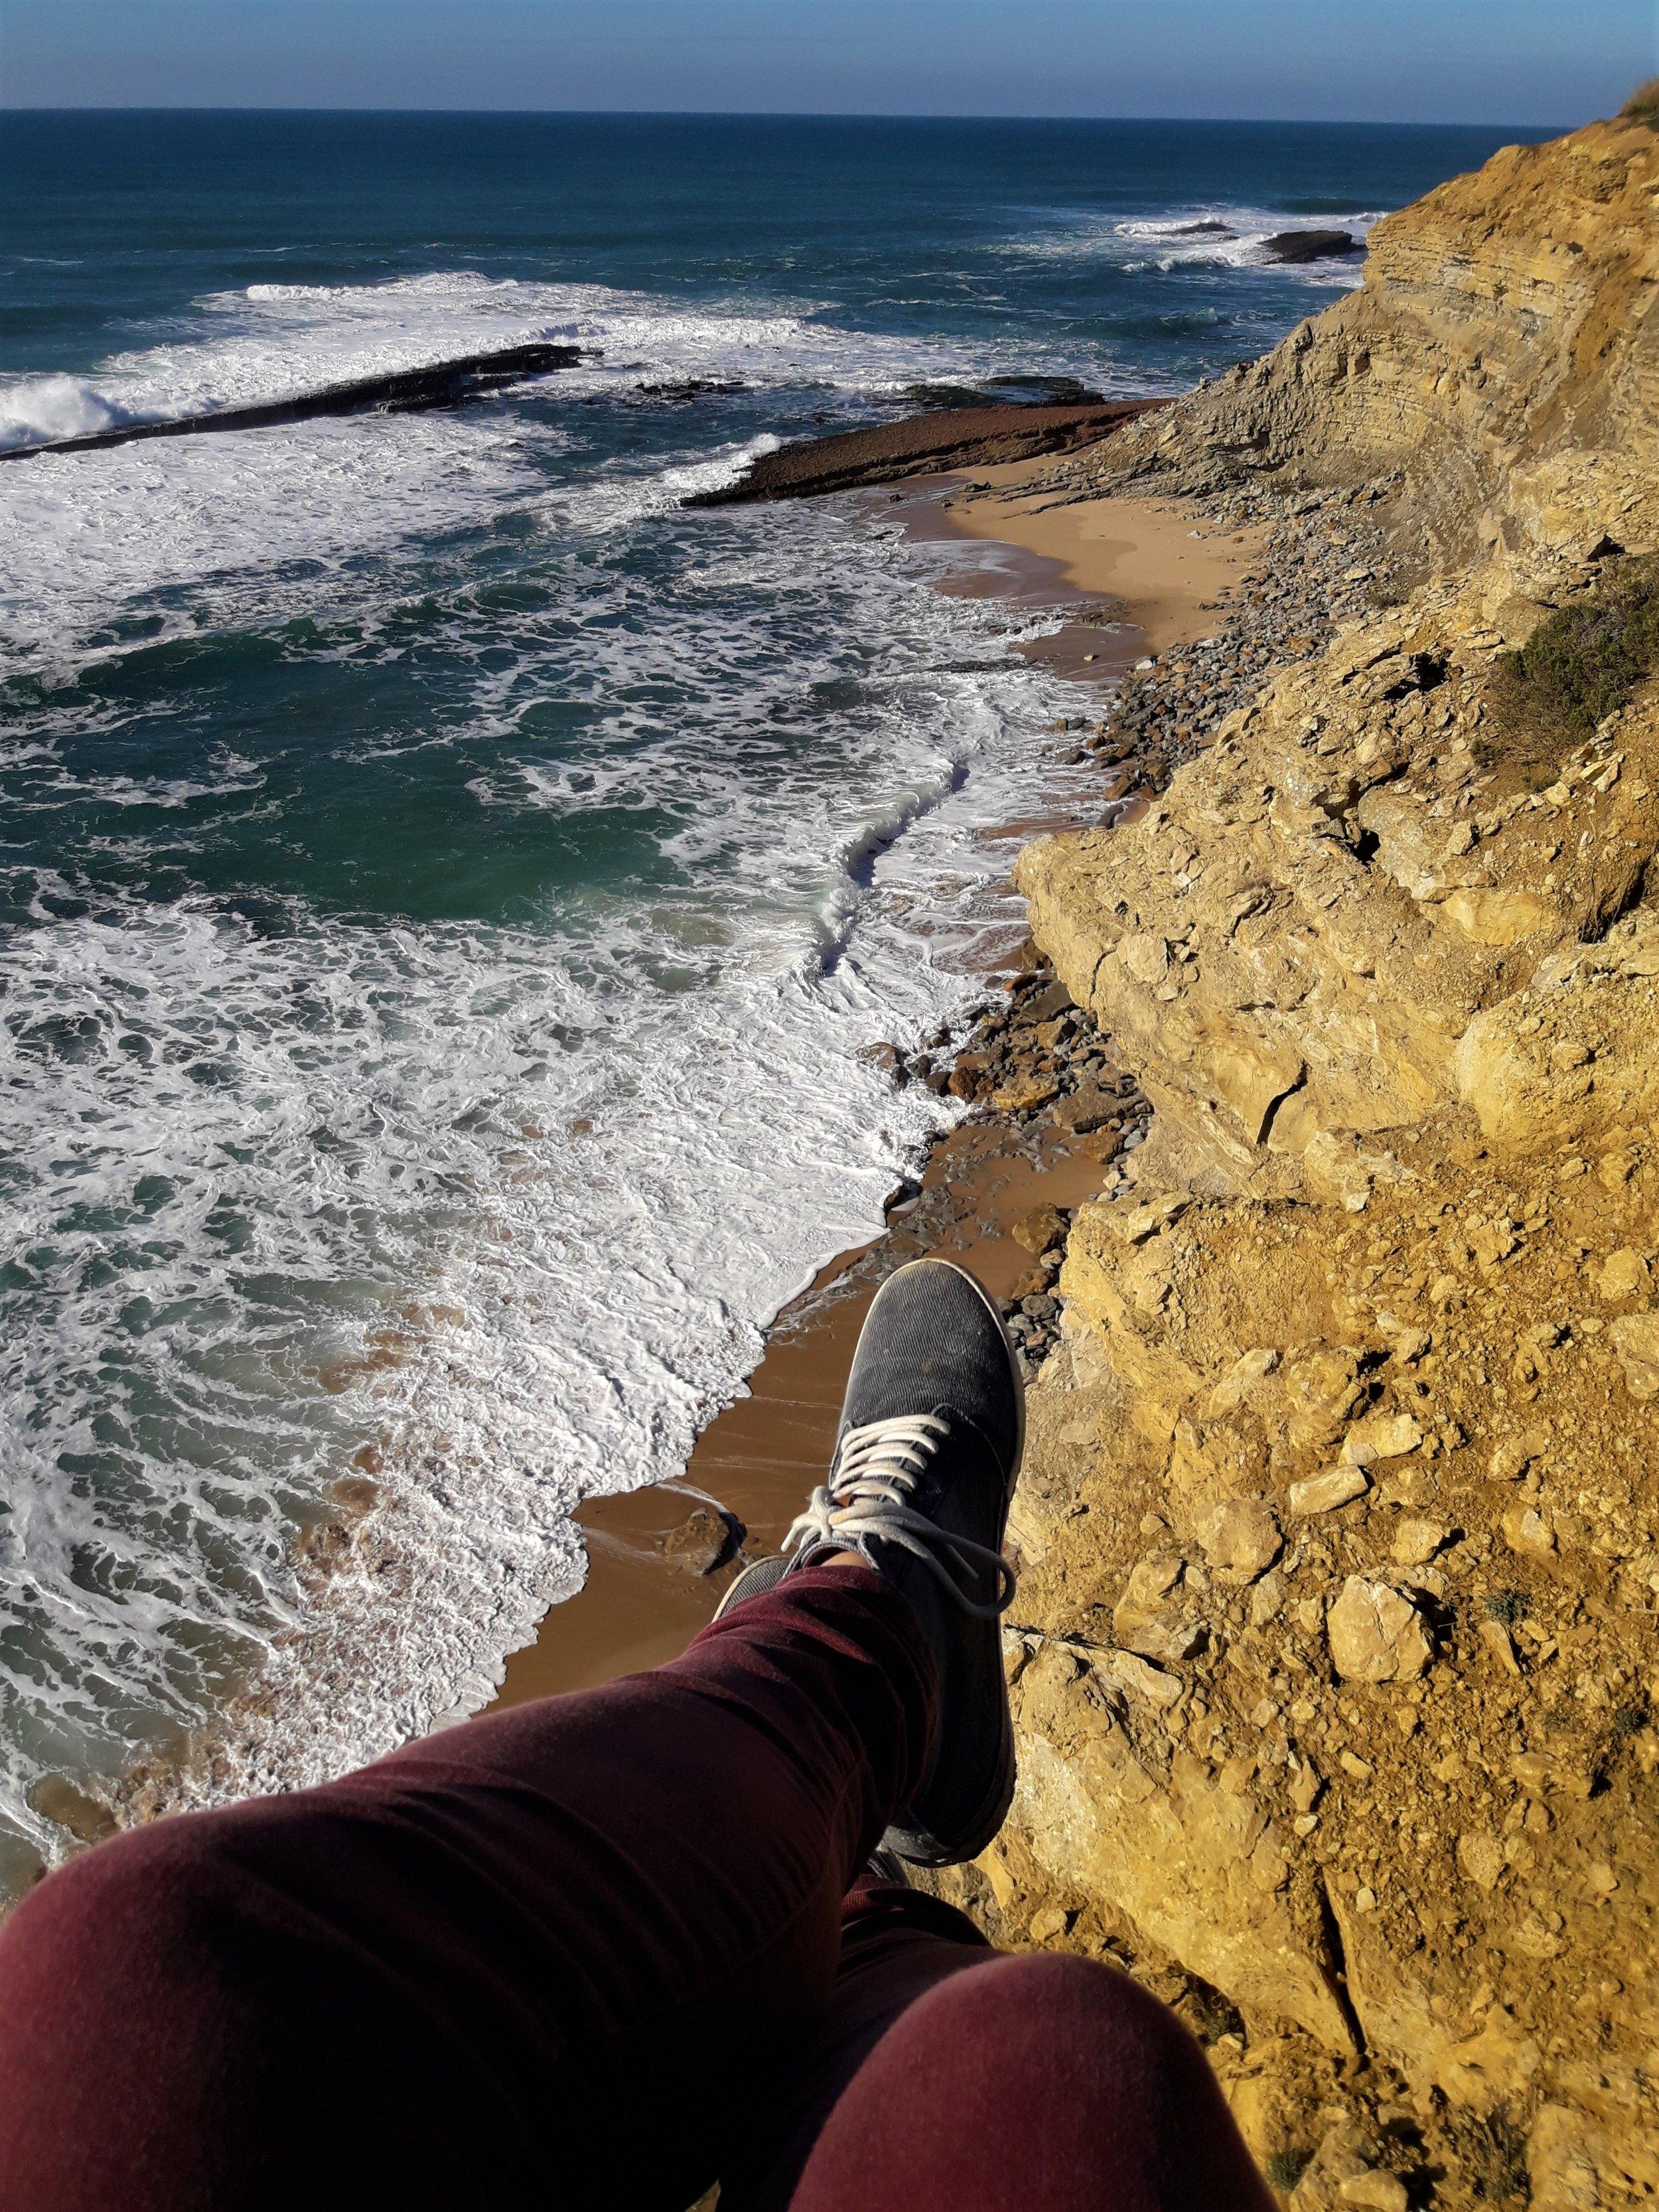 Küste-Meer-Wellen-Schuhe.jpg